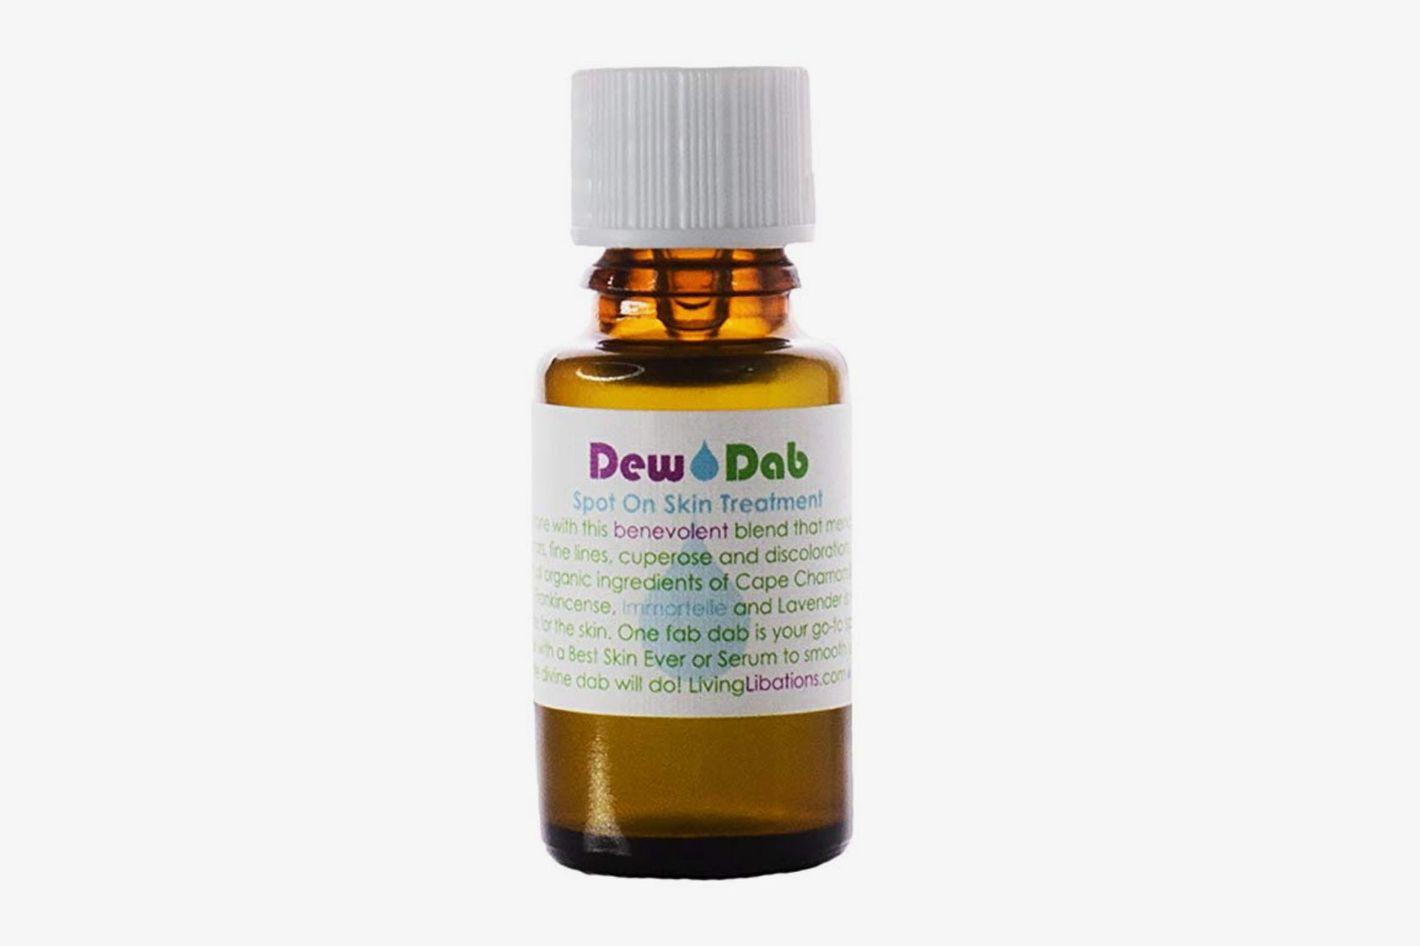 Living Libations DewDab Acne Spot Treatment